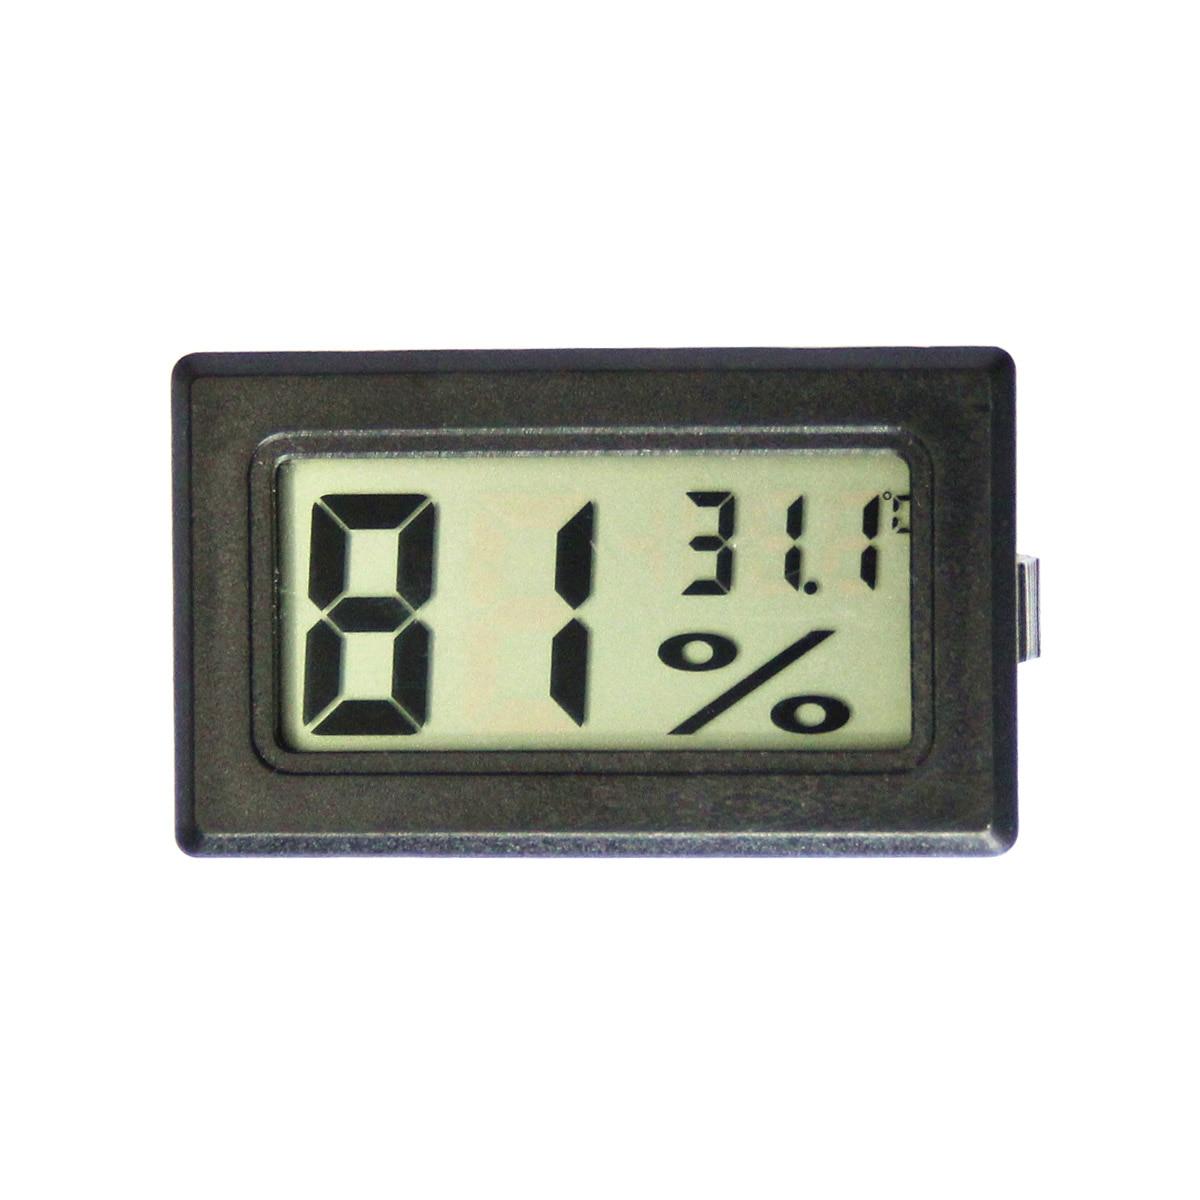 MOSEKO karstā pārdošana Mini digitālā LCD iekštelpās ērta temperatūras sensora mitruma mērītāja termometra higrometra mērītājs